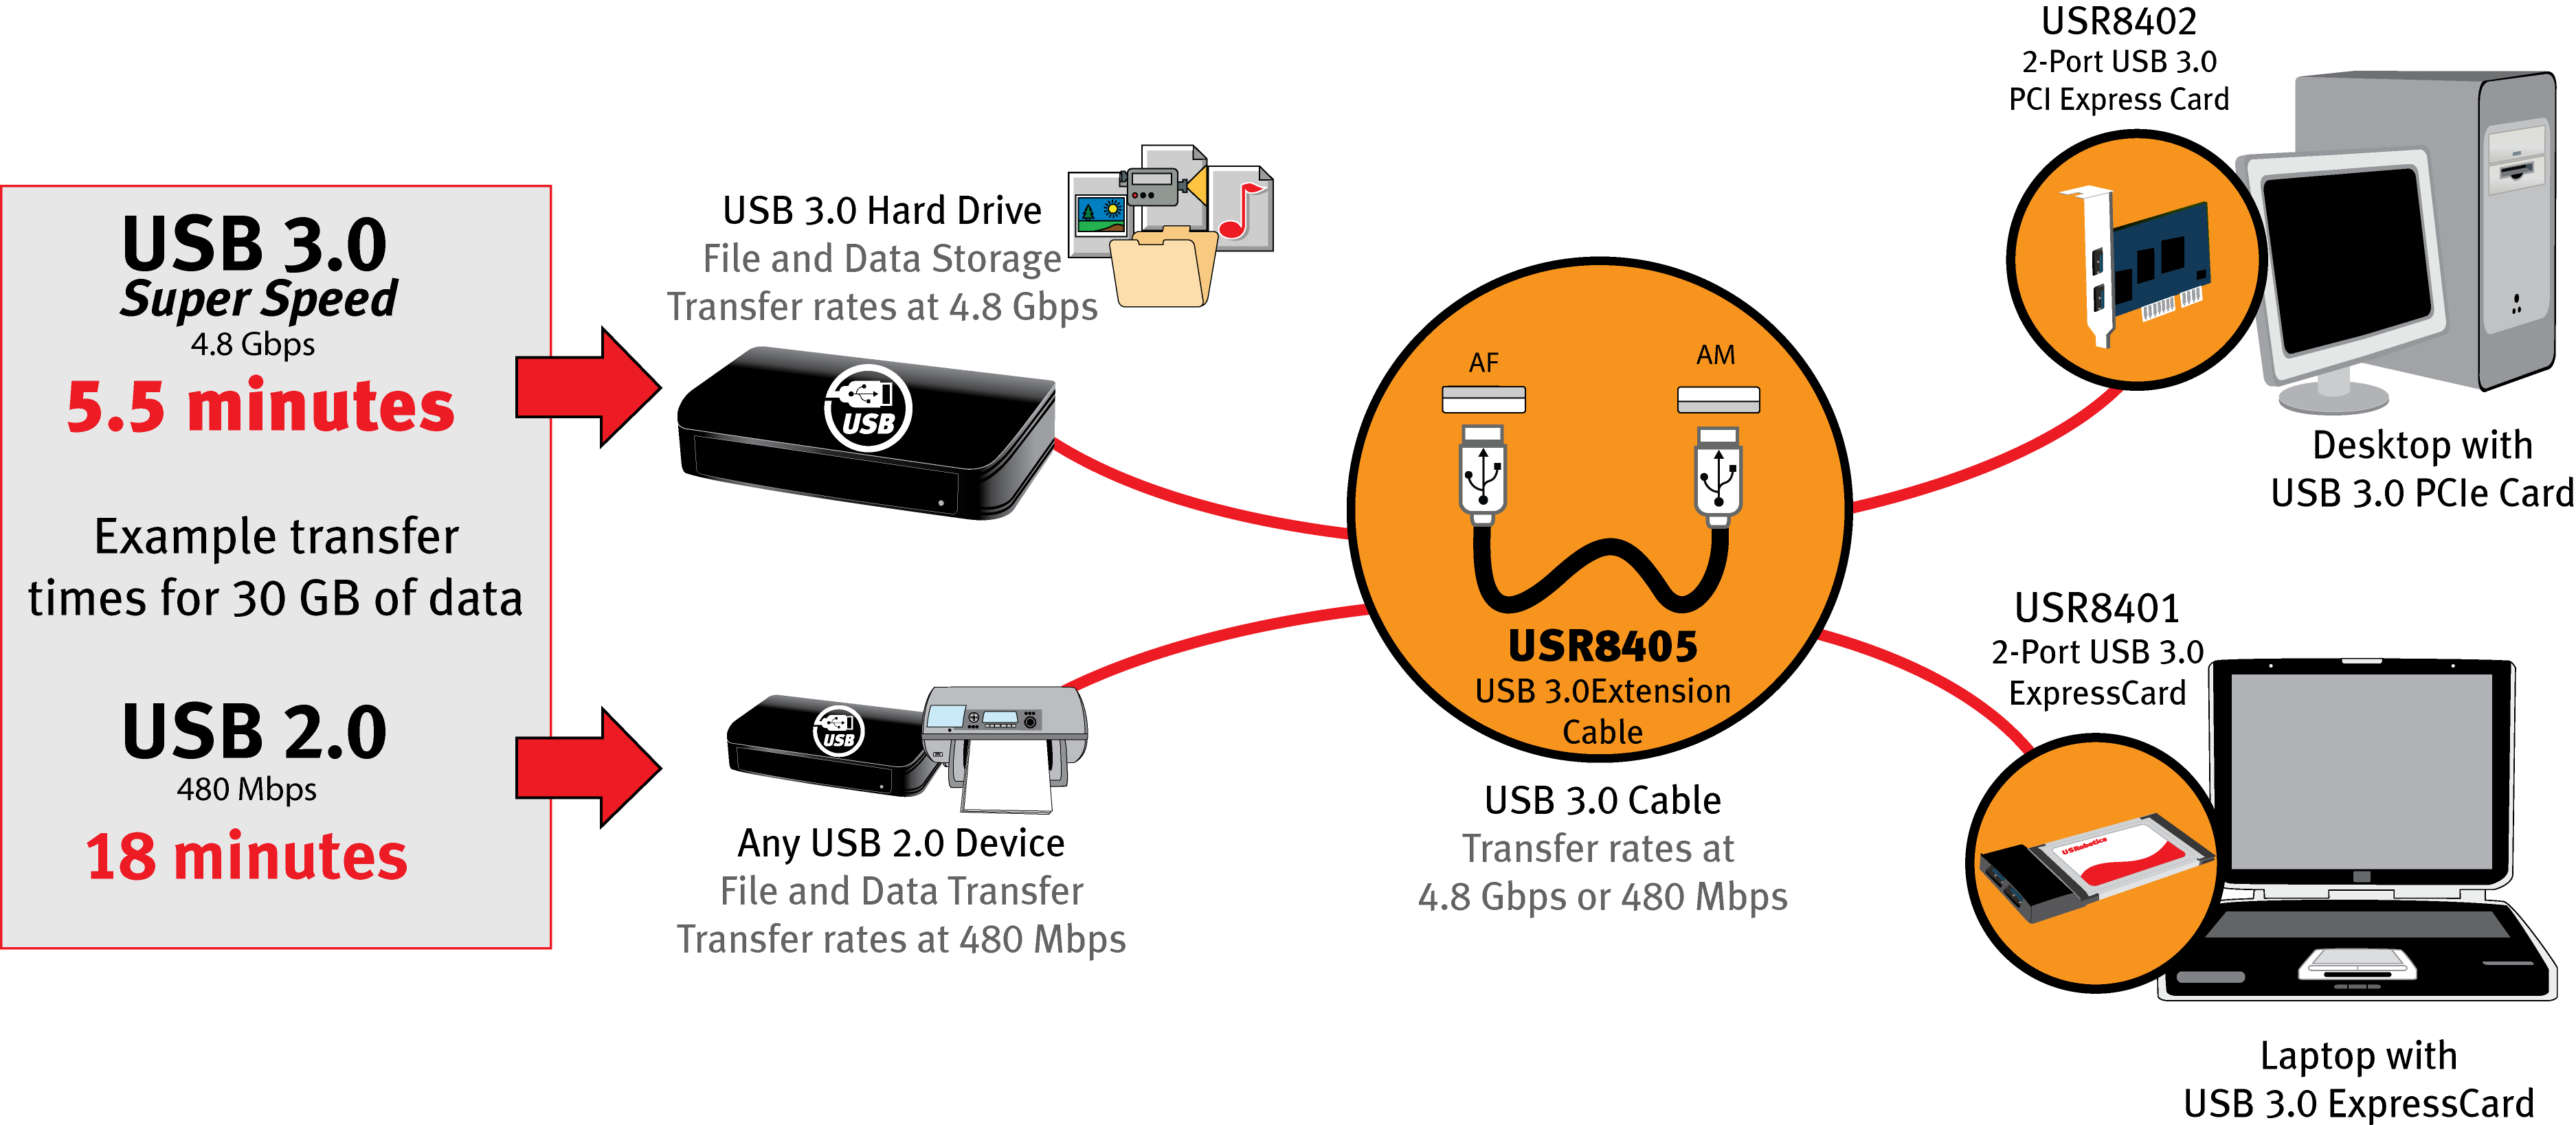 8405 diagram usrobotics usb peripherals and accessories usr8405 usb 3 0 super USB 2.0 Connectors Types at couponss.co